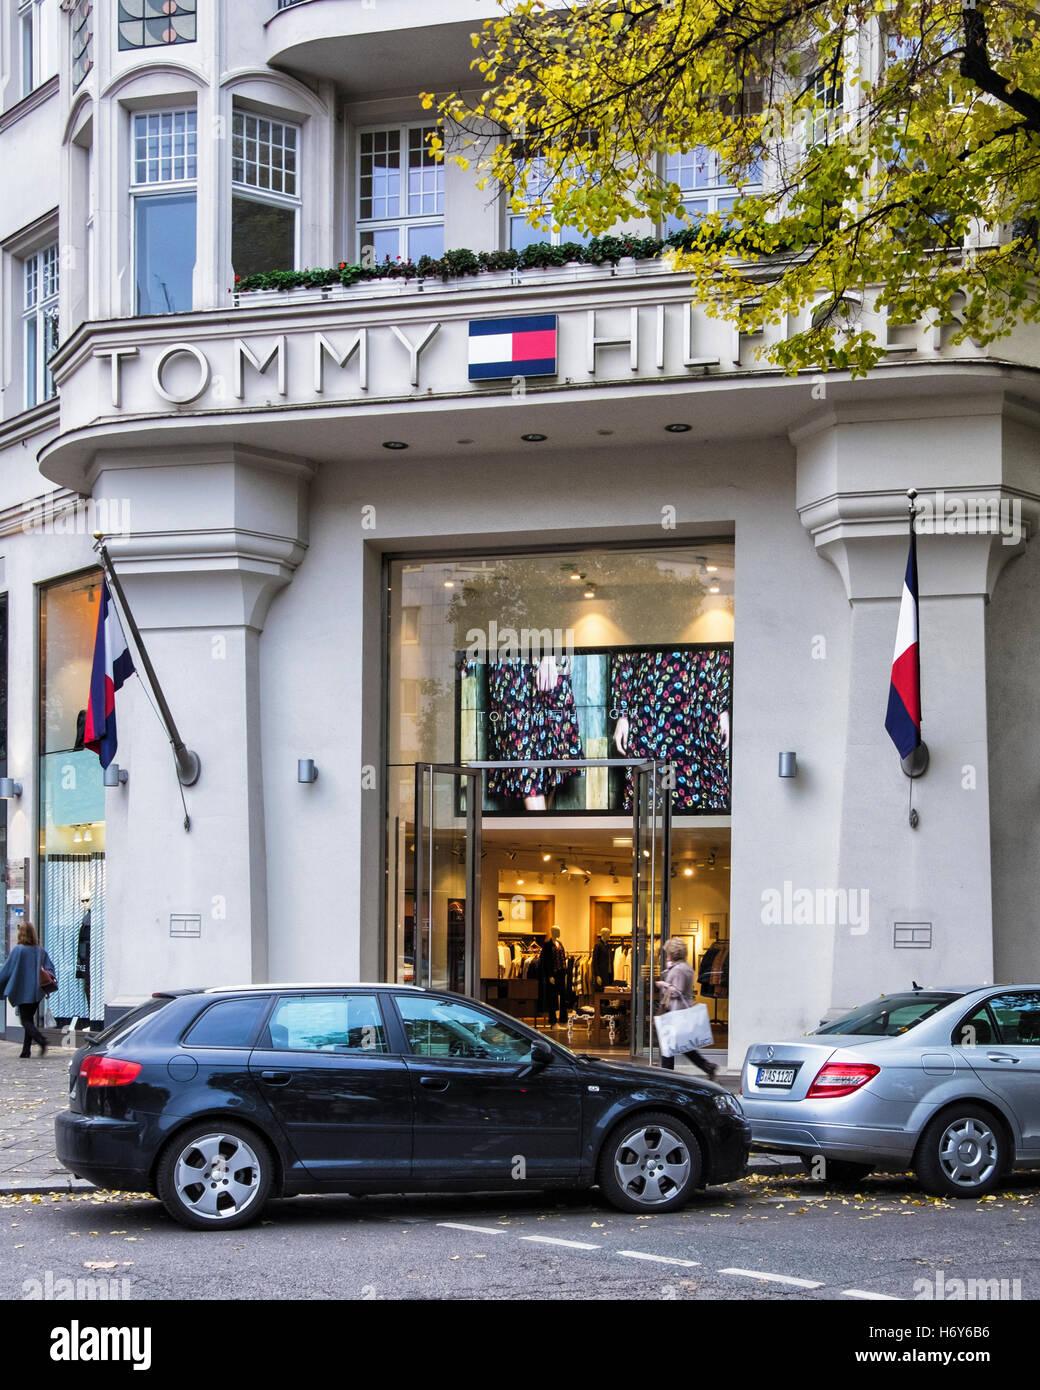 Tommy Hilfiger Store for upmarket Men's clothing